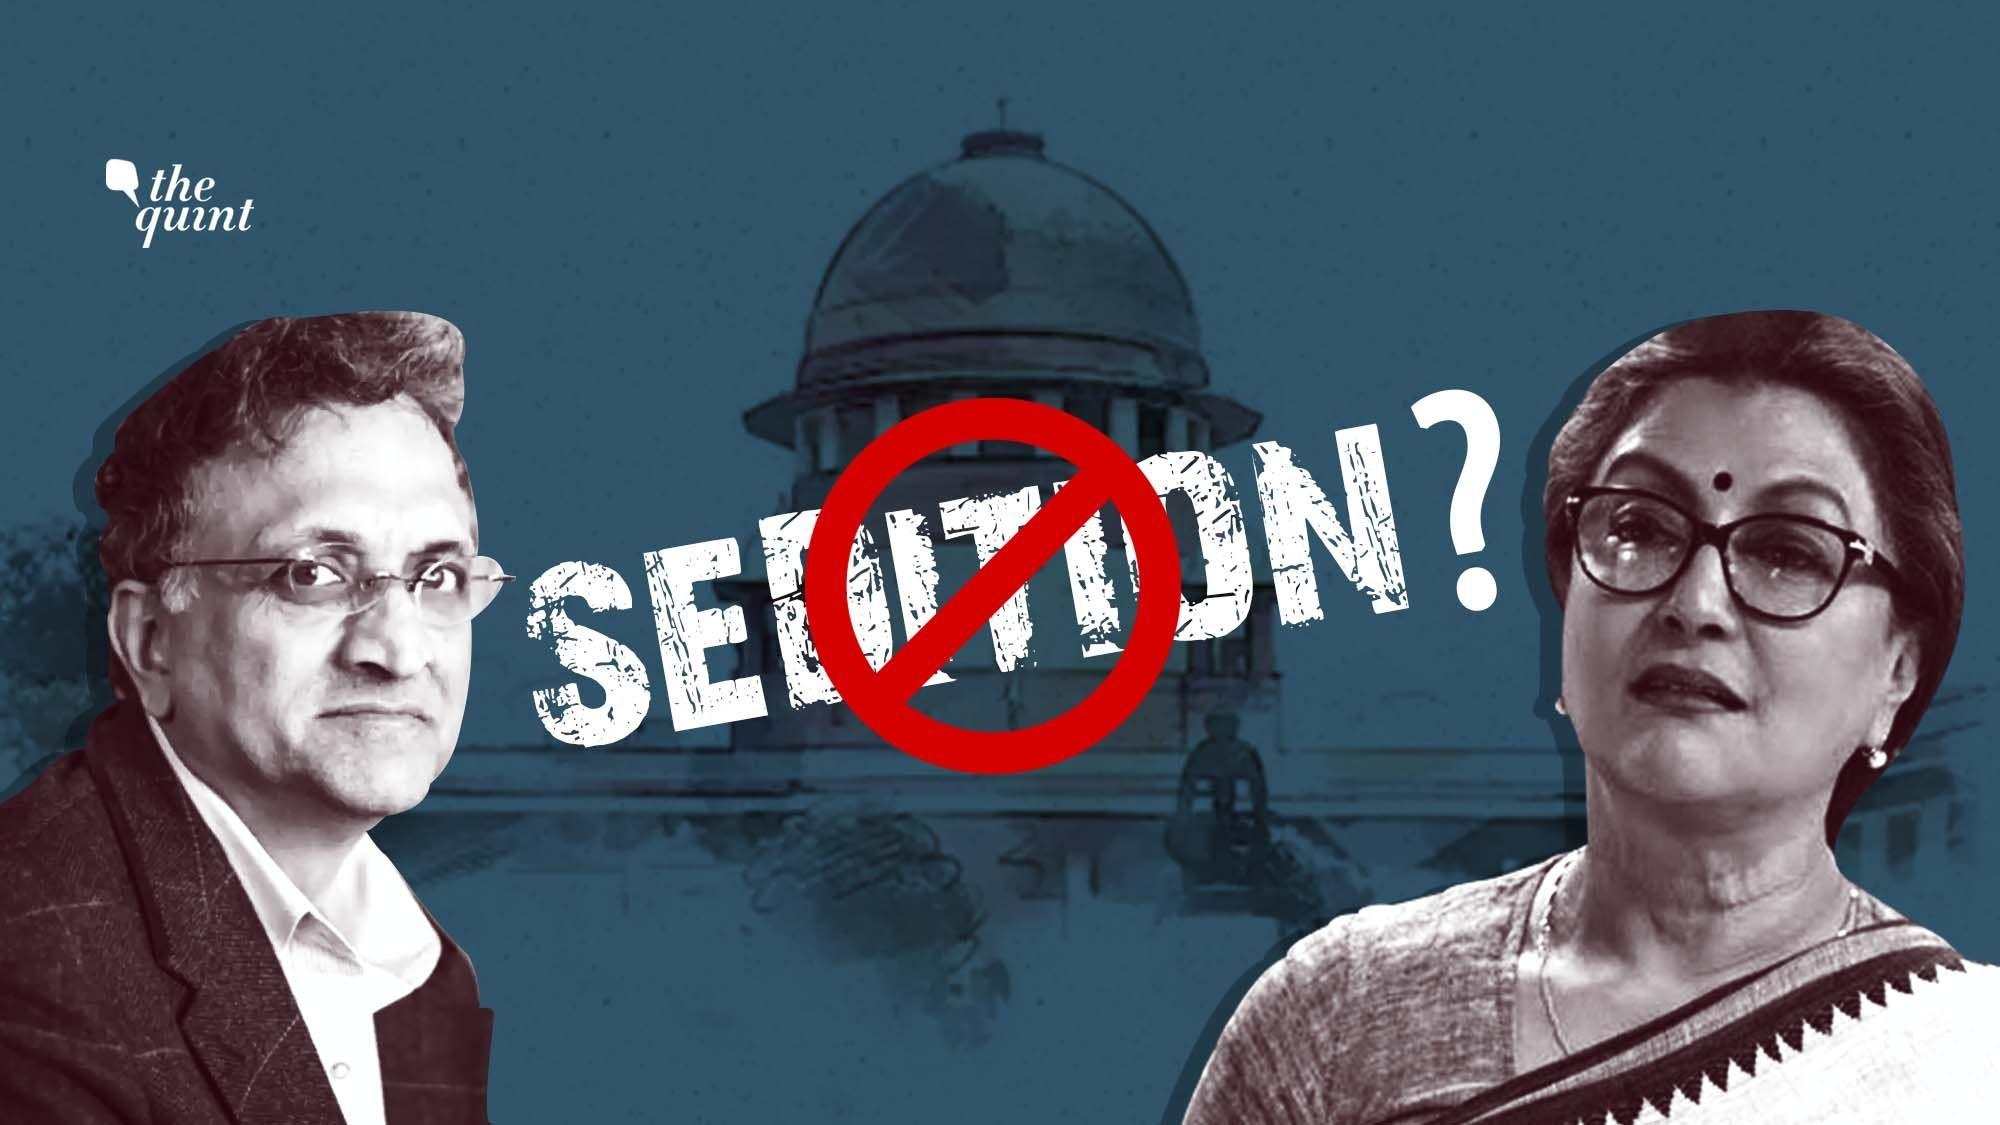 Dear PM Modi, Please Welcome Dissent & Restore Faith in Democracy